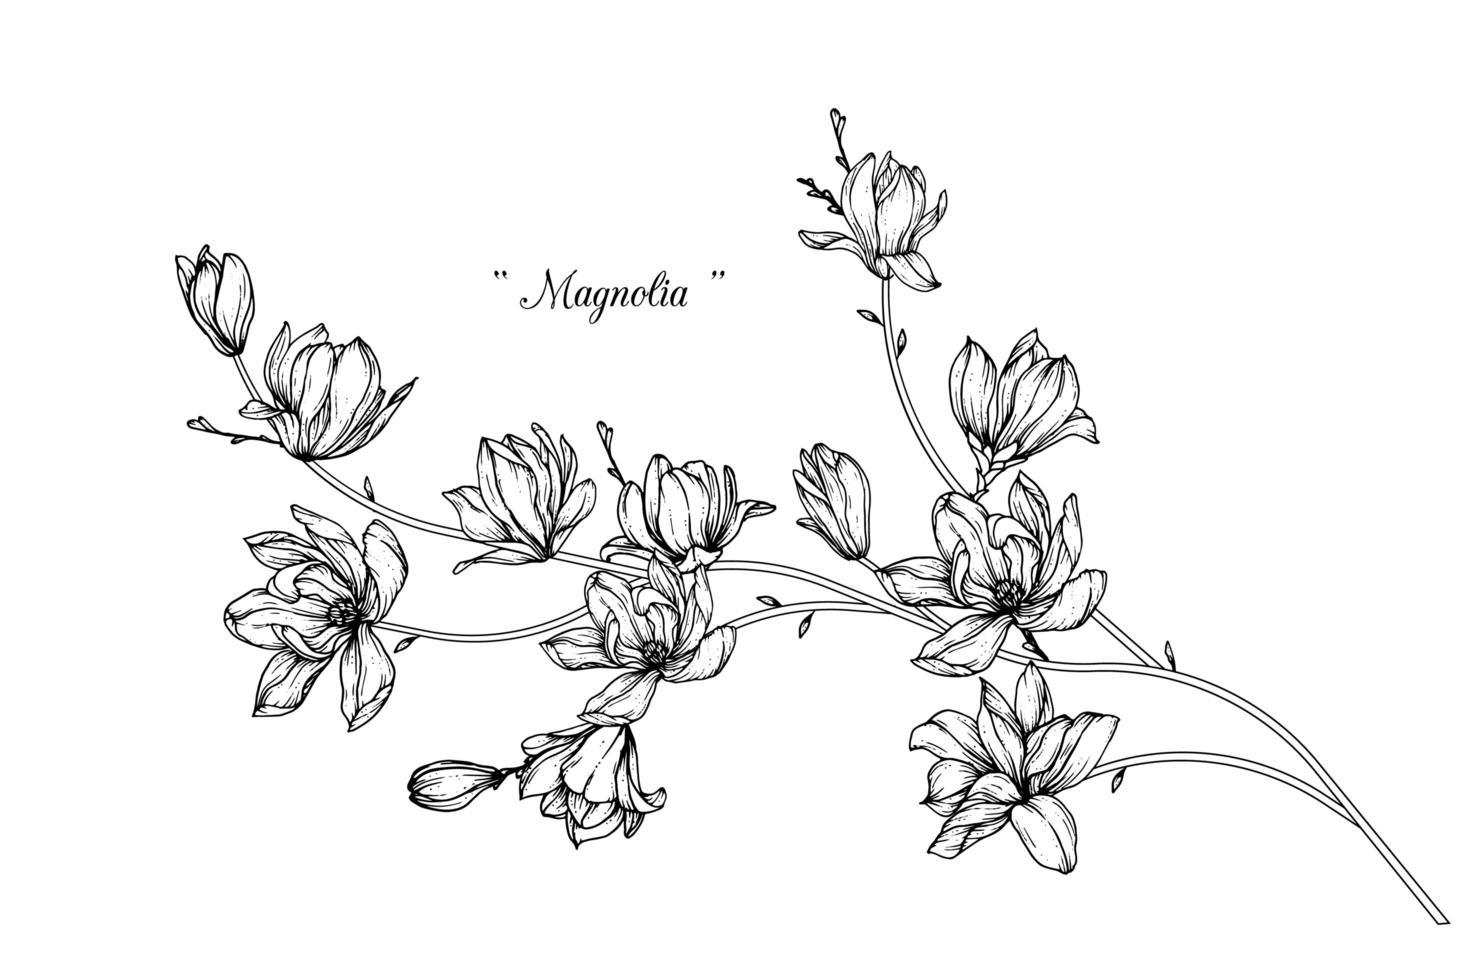 Magnolienblumenzeichnungen vektor